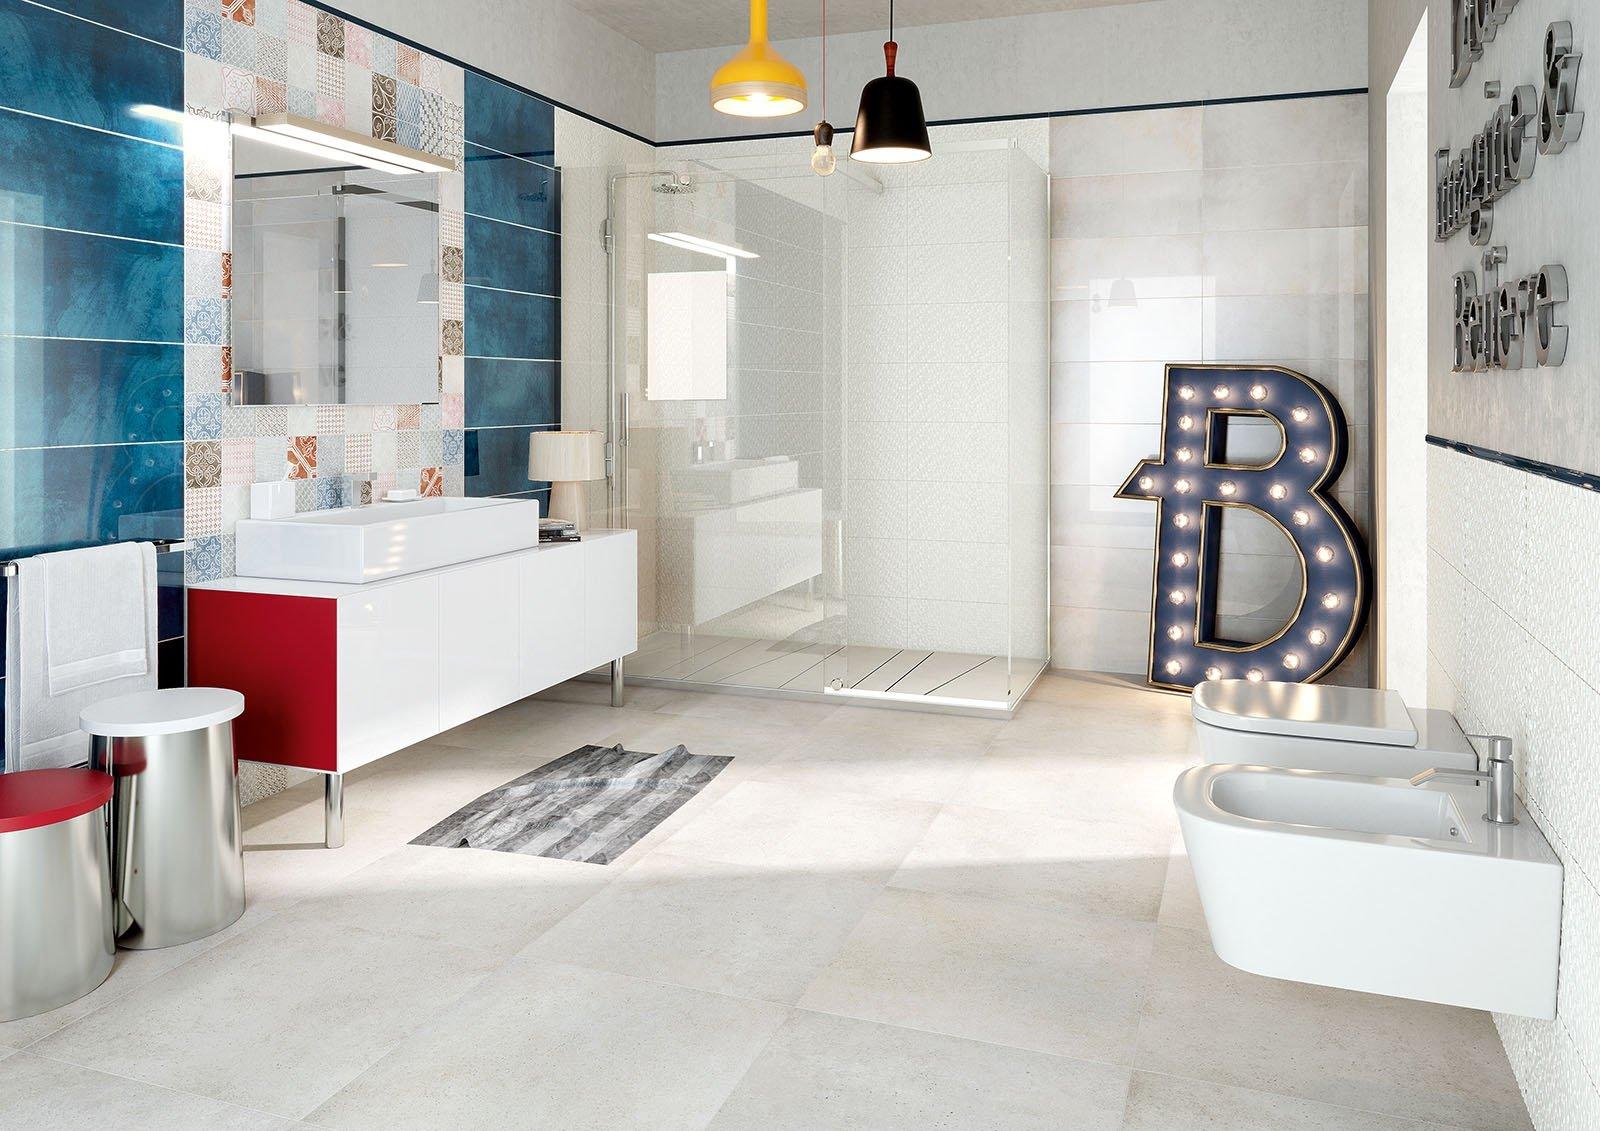 vista interna di un bagno moderno con pavimento in piastrelle, bide, lavabo, specchio e arredamento